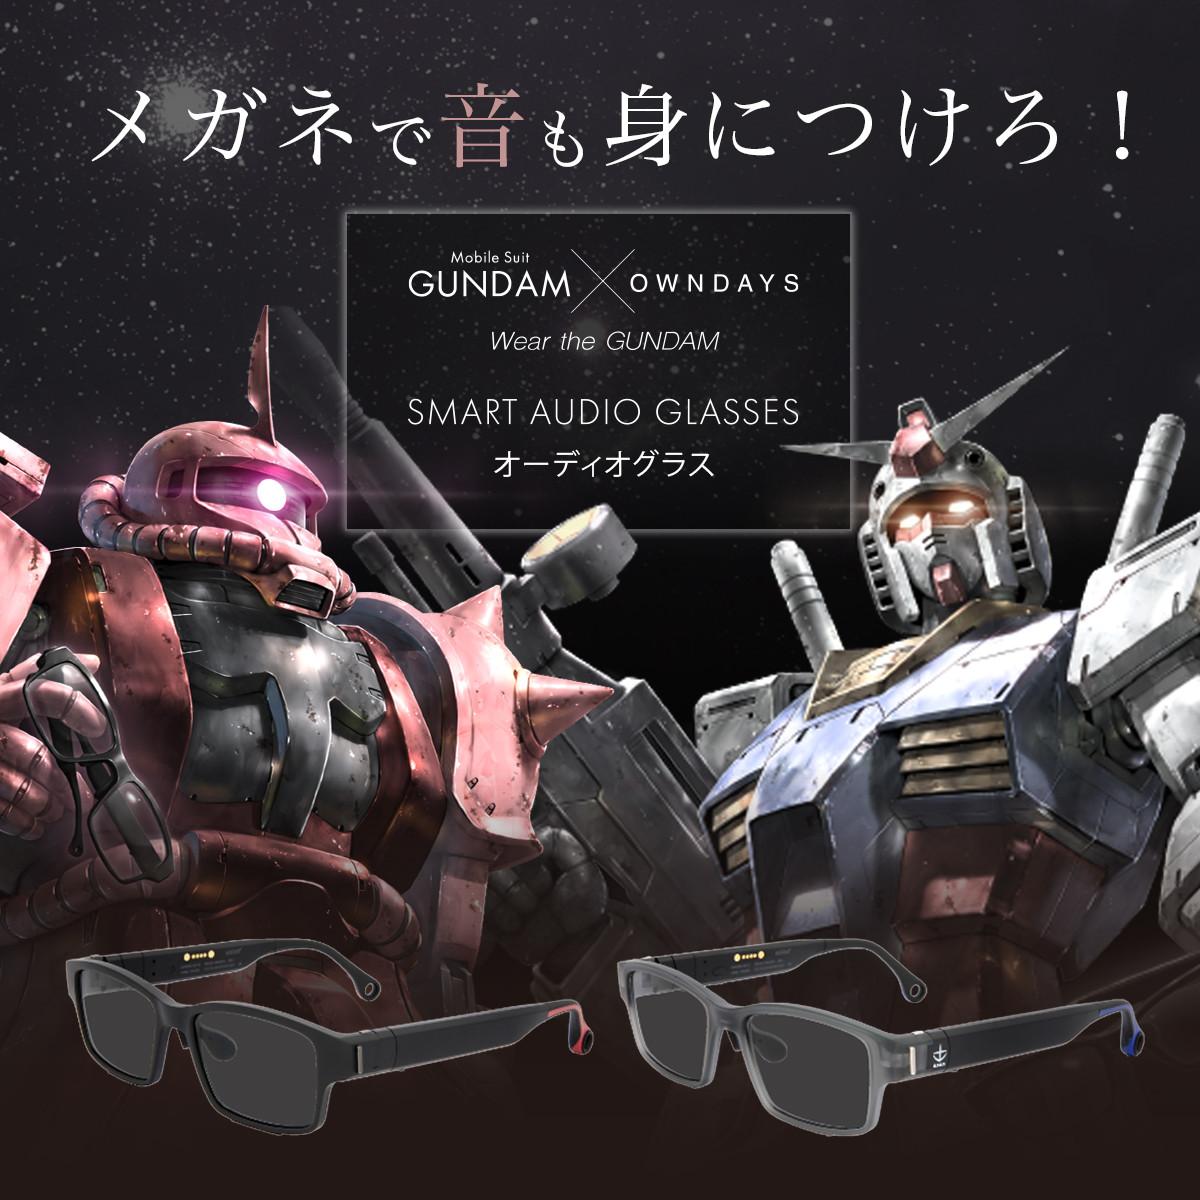 [ガンダムコラボ第3弾]【ガンダム x OWNDAYS】オーディオグラス